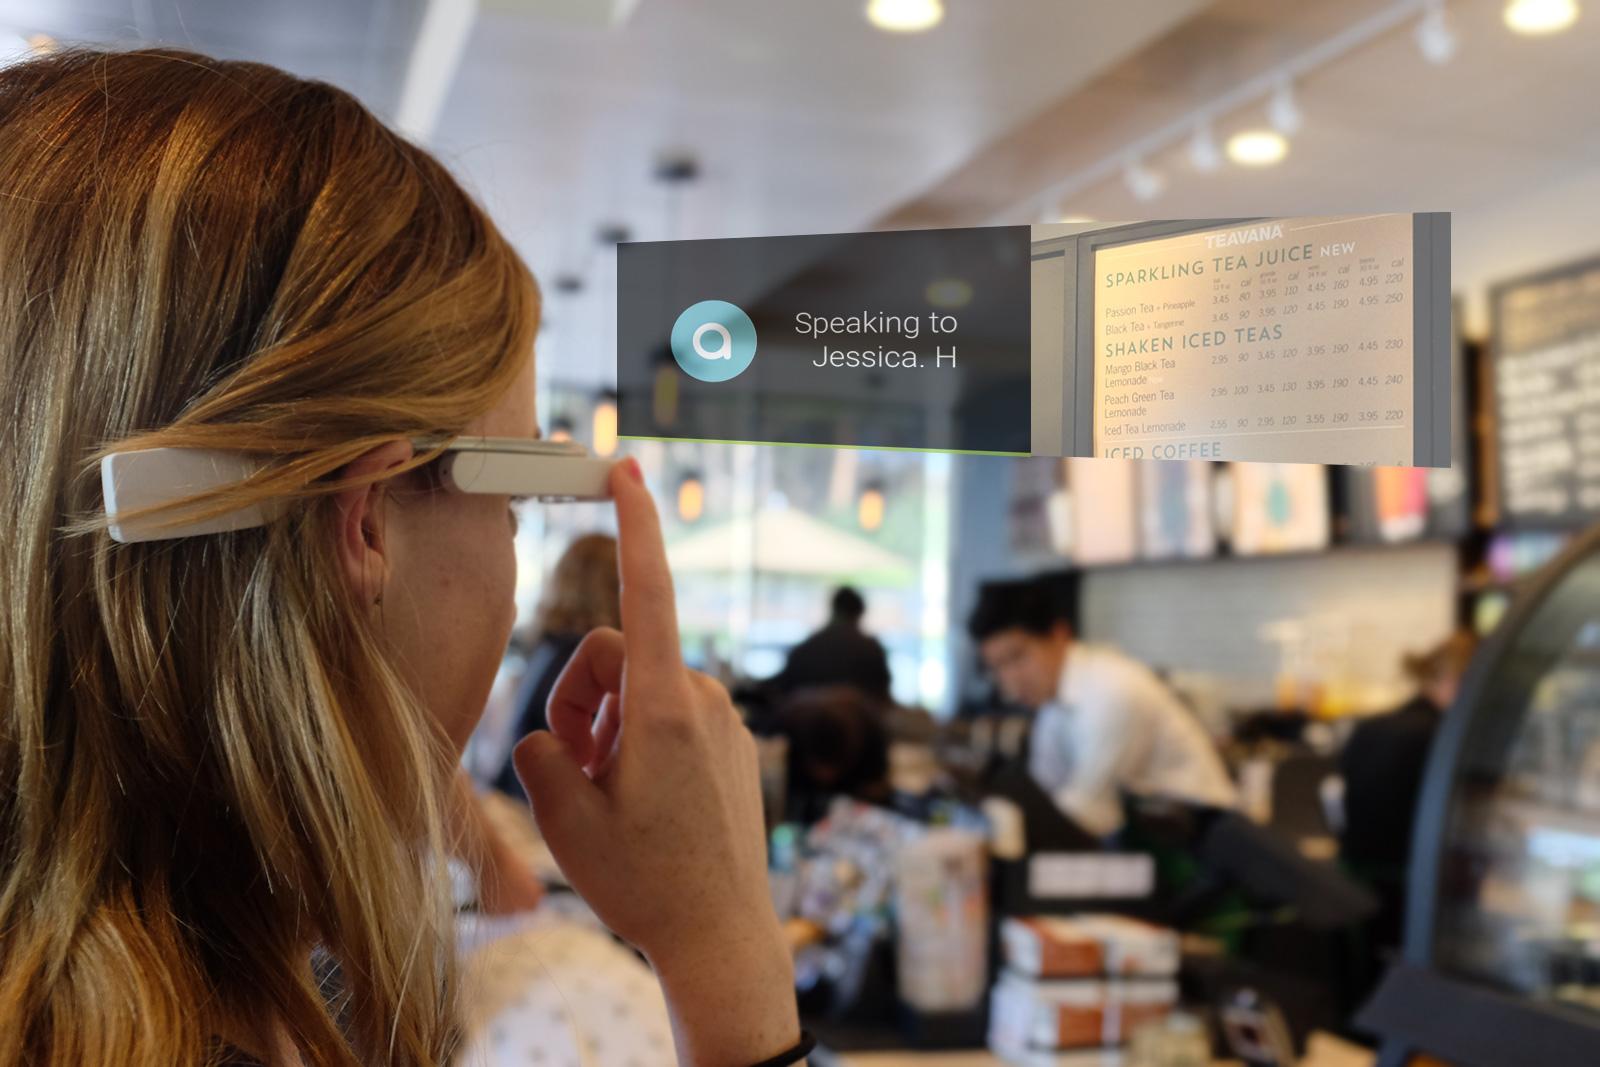 aira-user-glasses (1).jpg